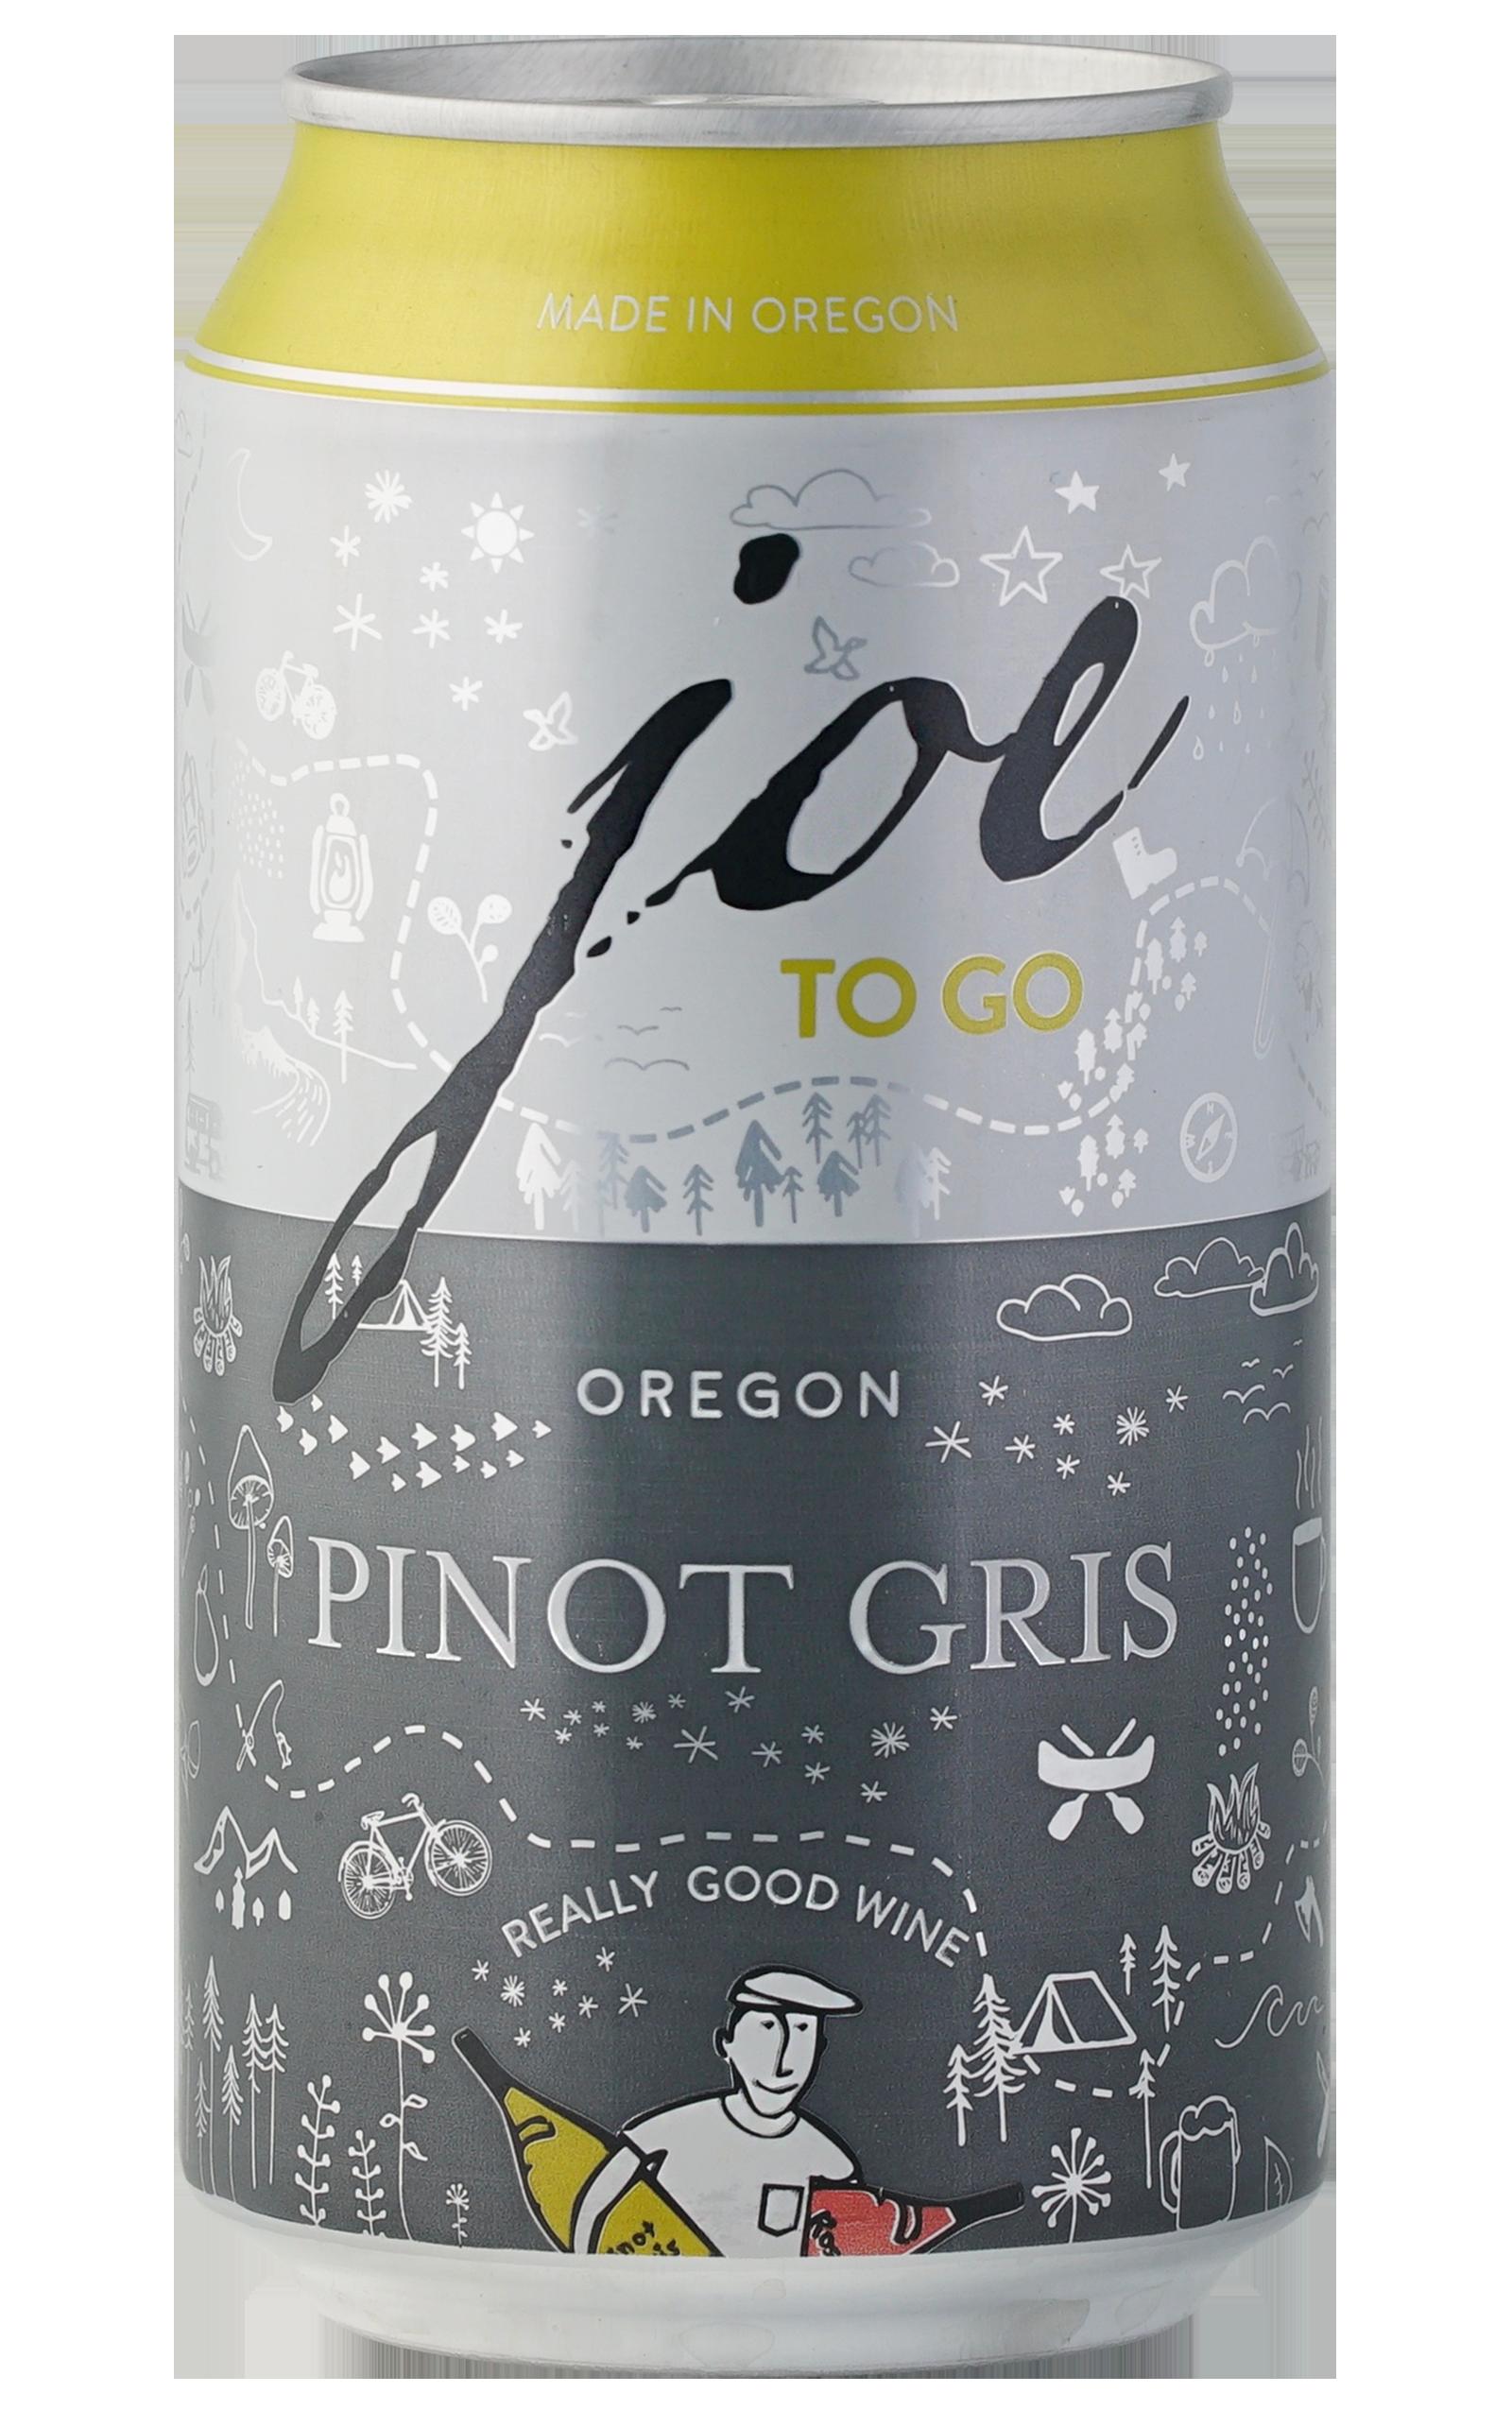 Joe-To-Gris-Pinot-Gris